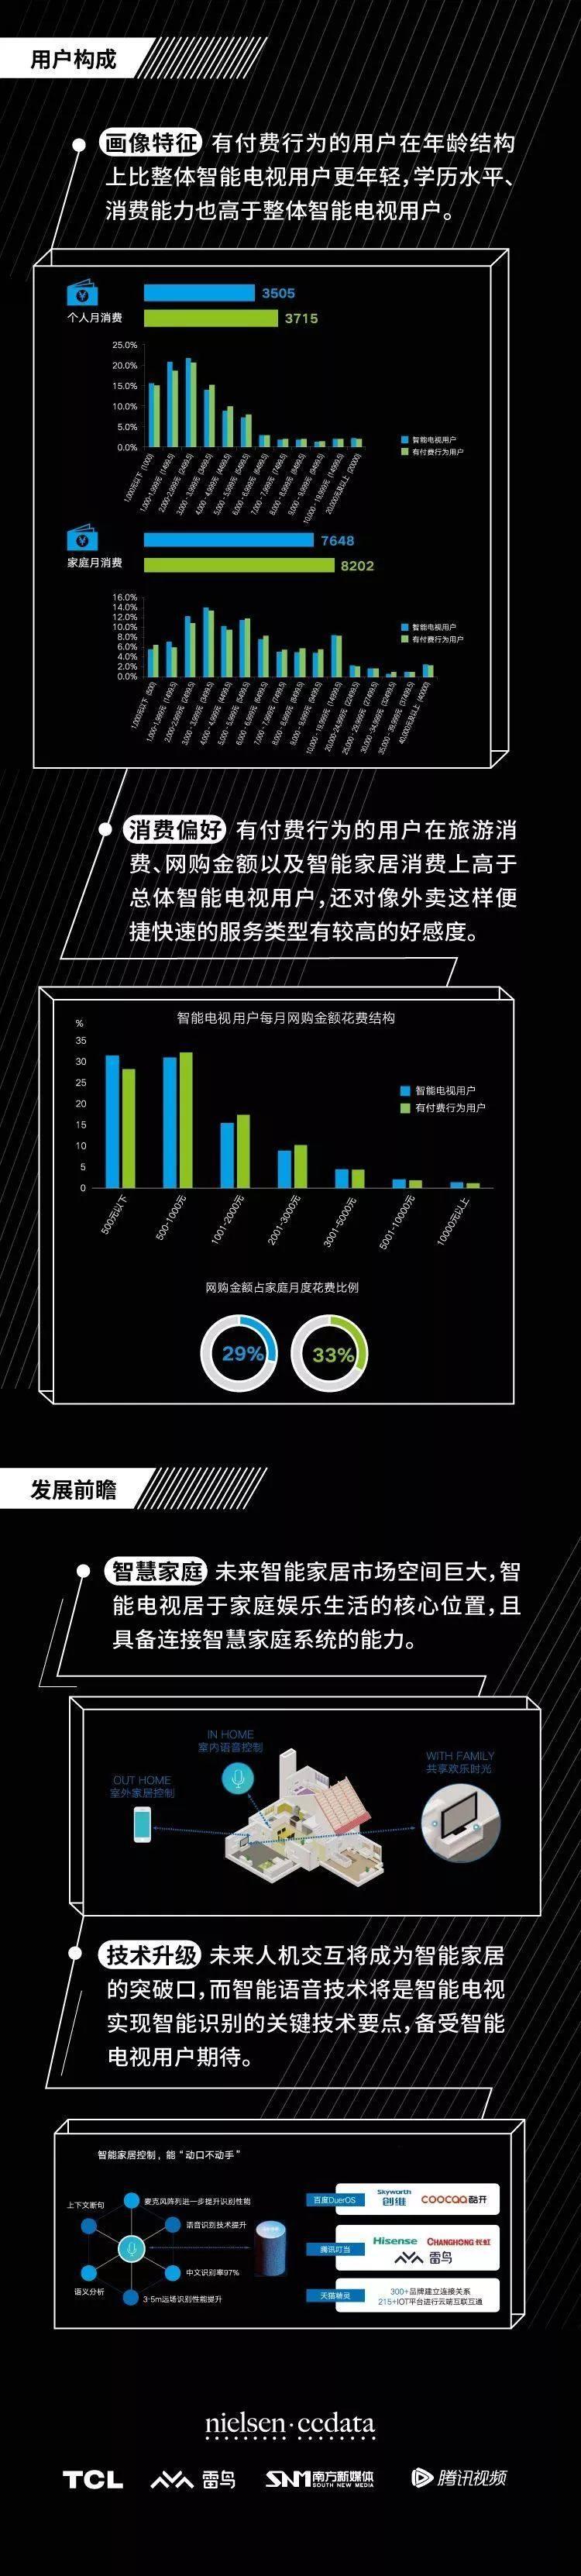 2019智能电视服务运营发展报告:智能电视占核心地位